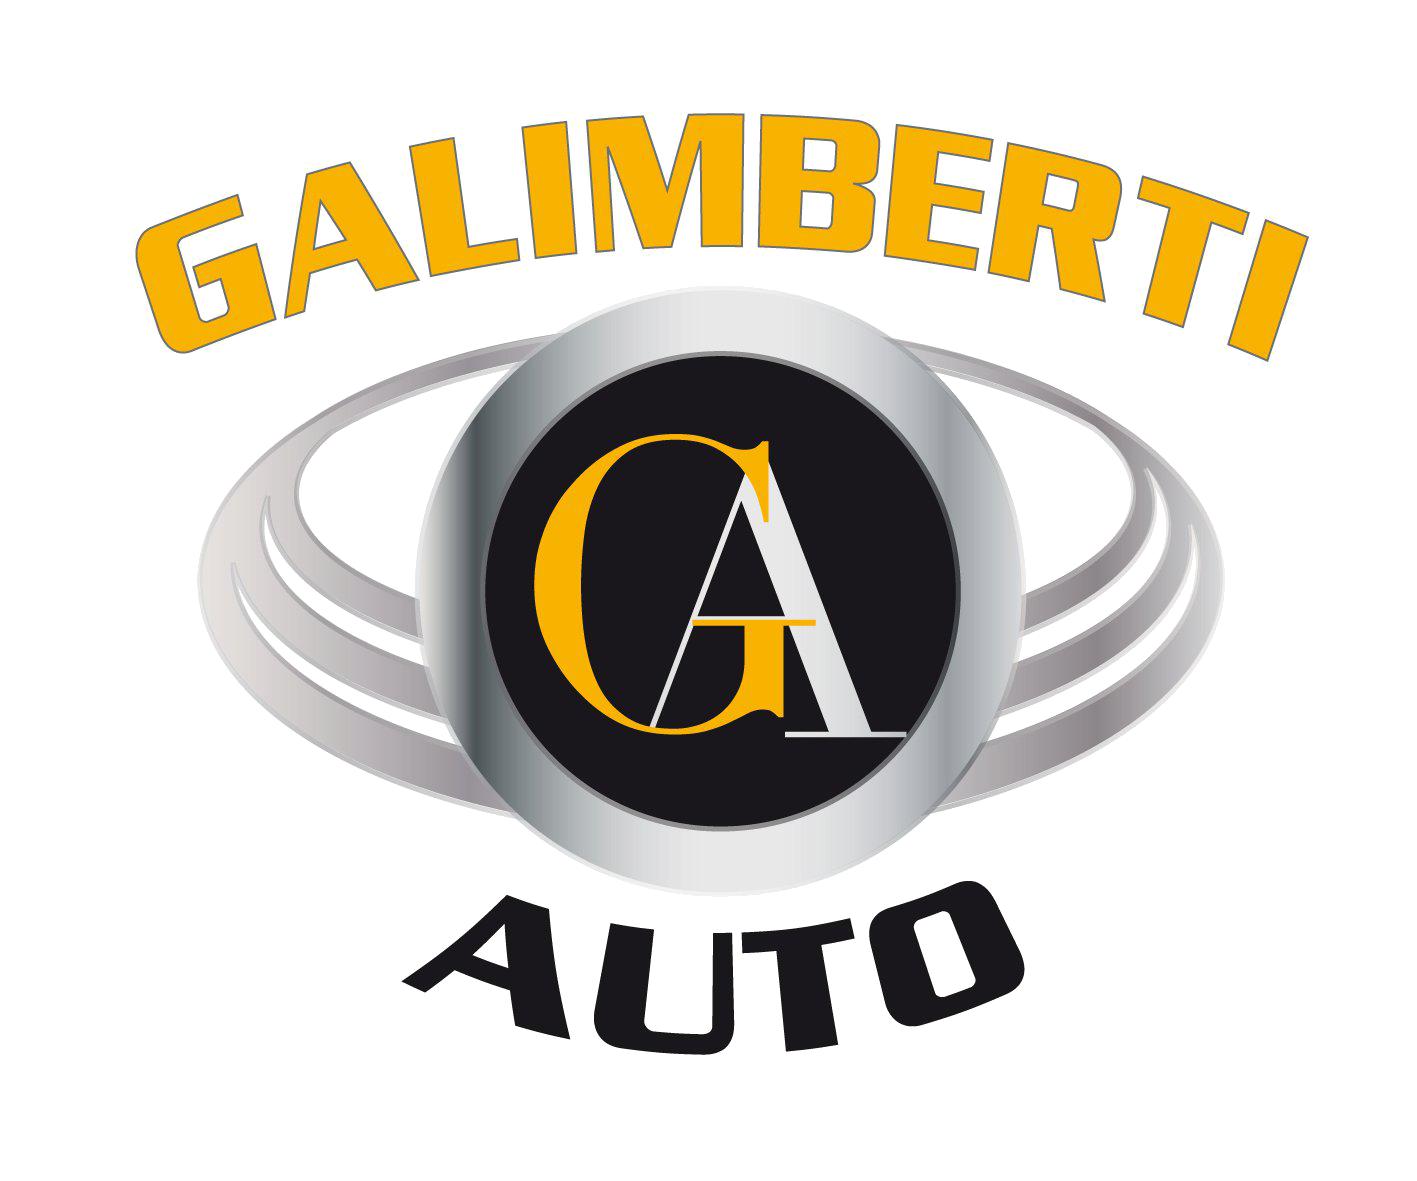 Galimberti Auto